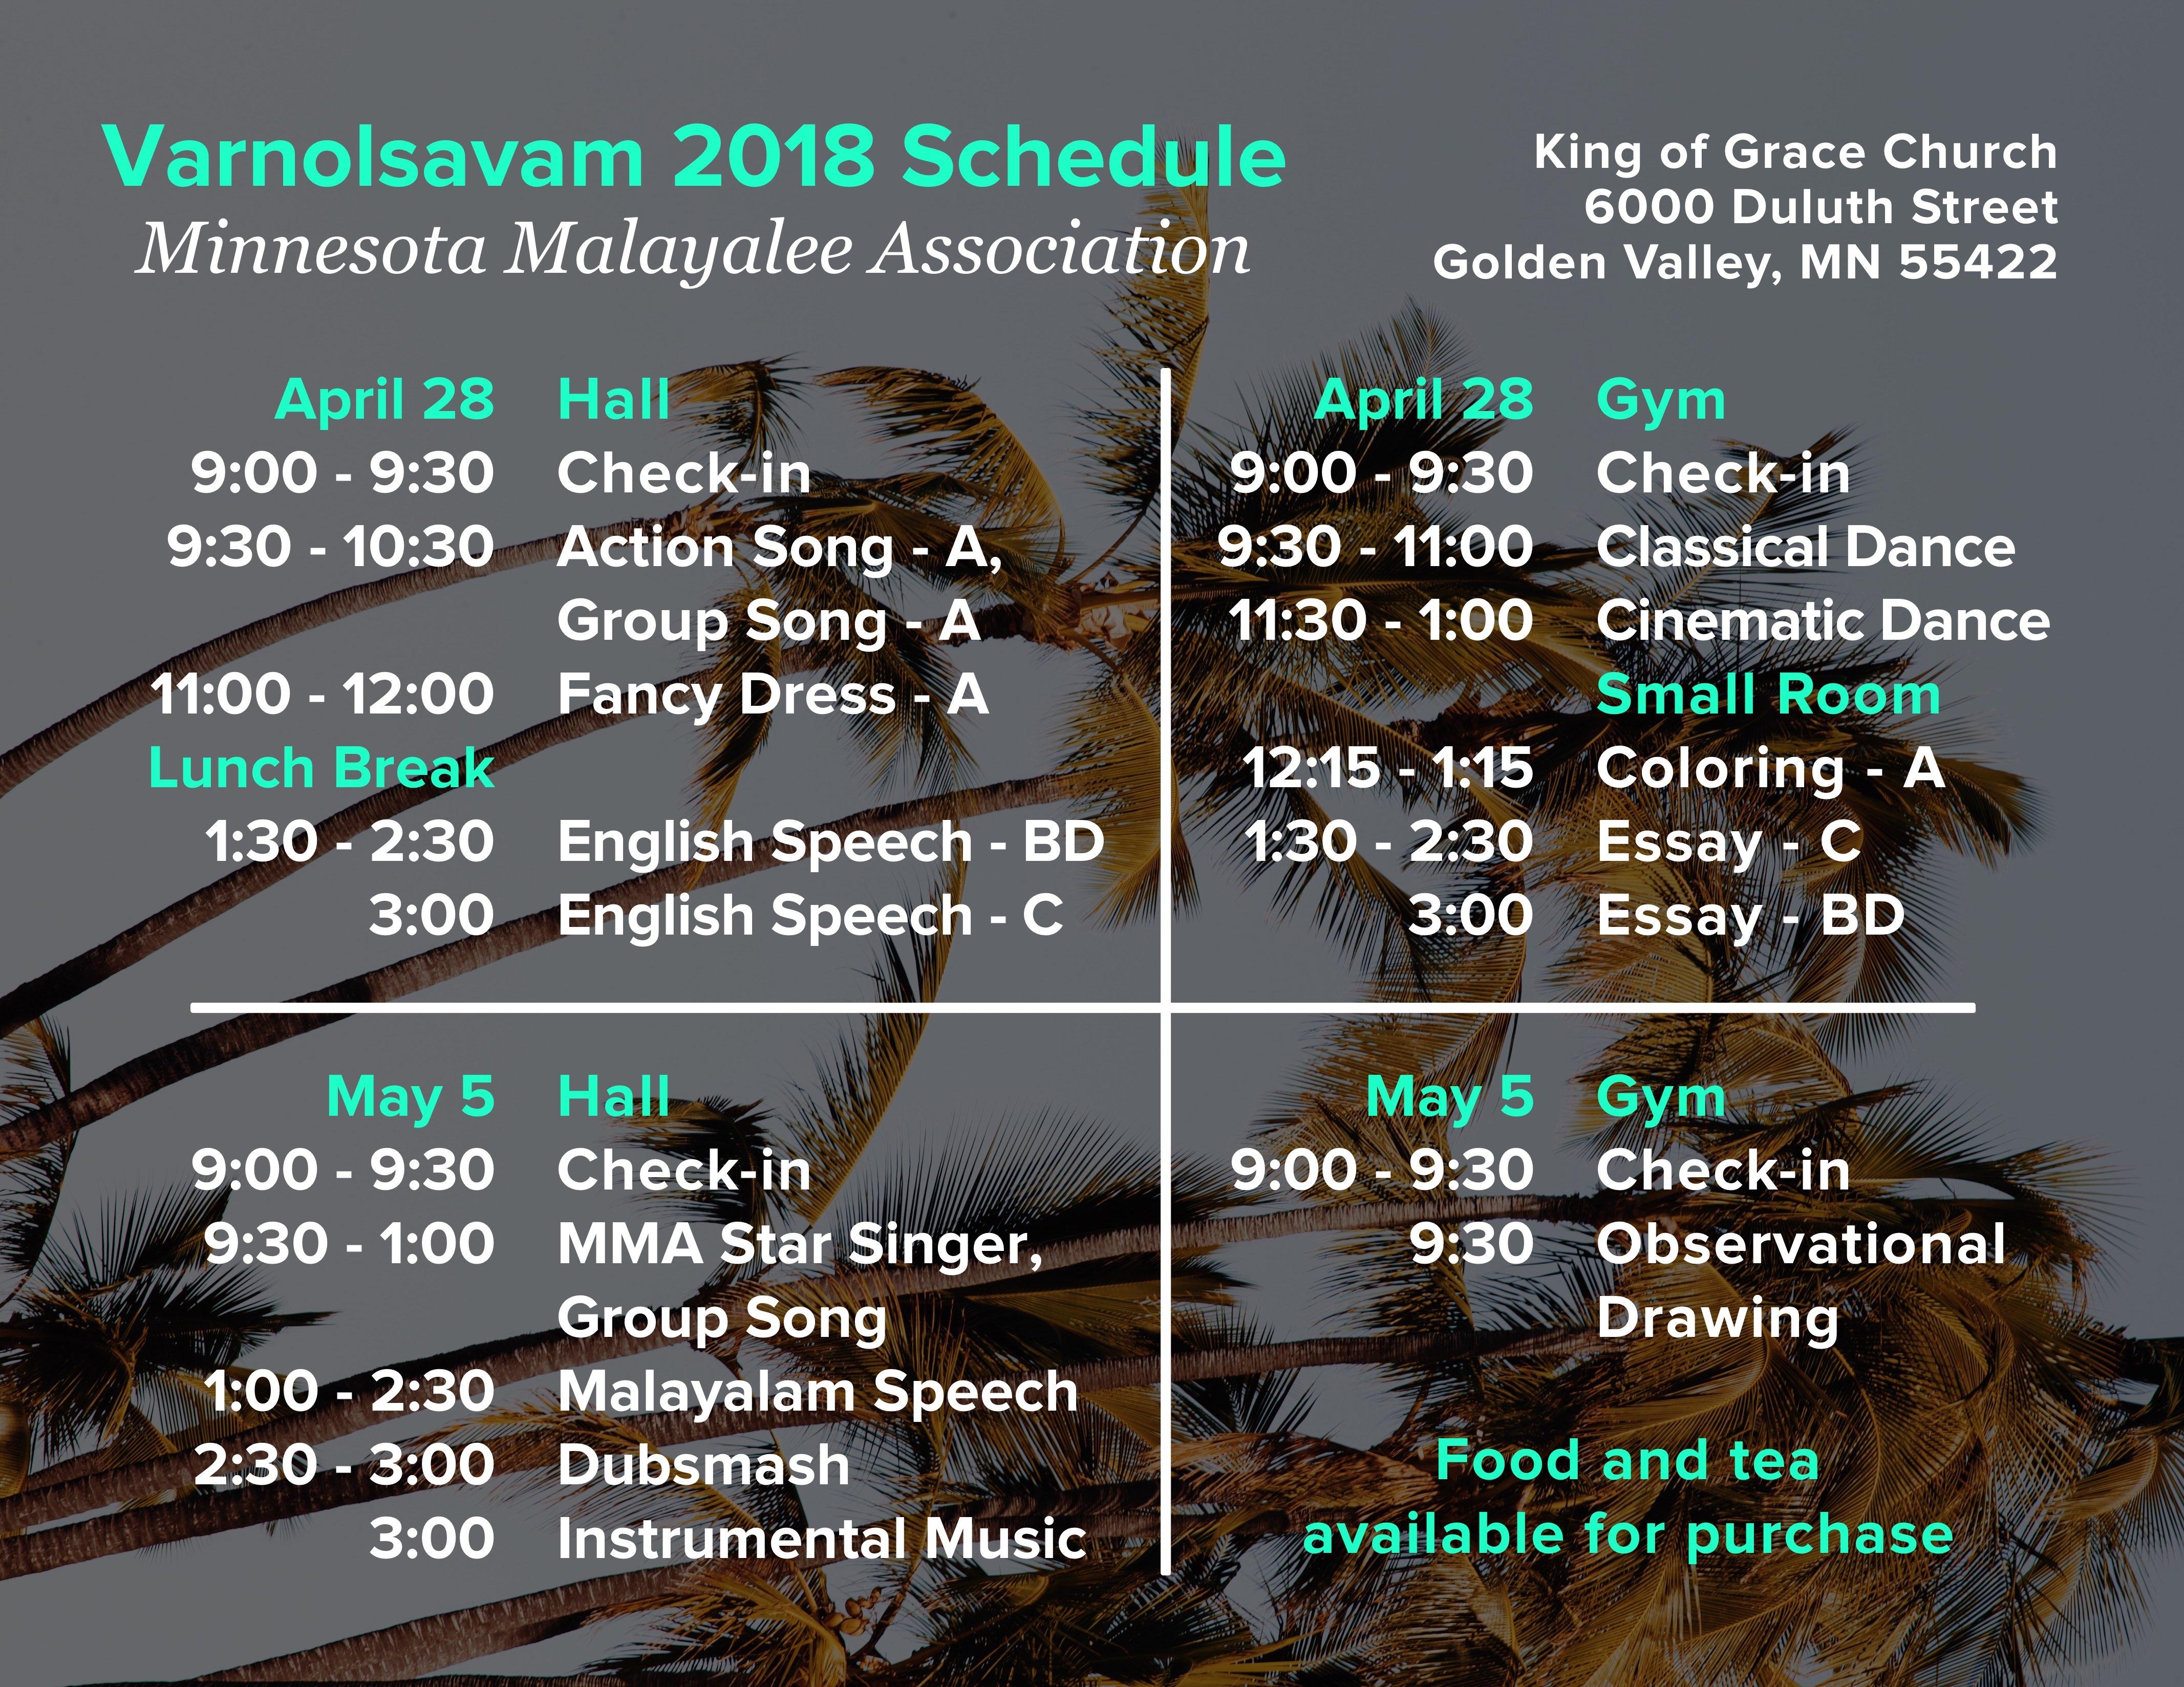 Varnolsavam 2018 Schedule 2